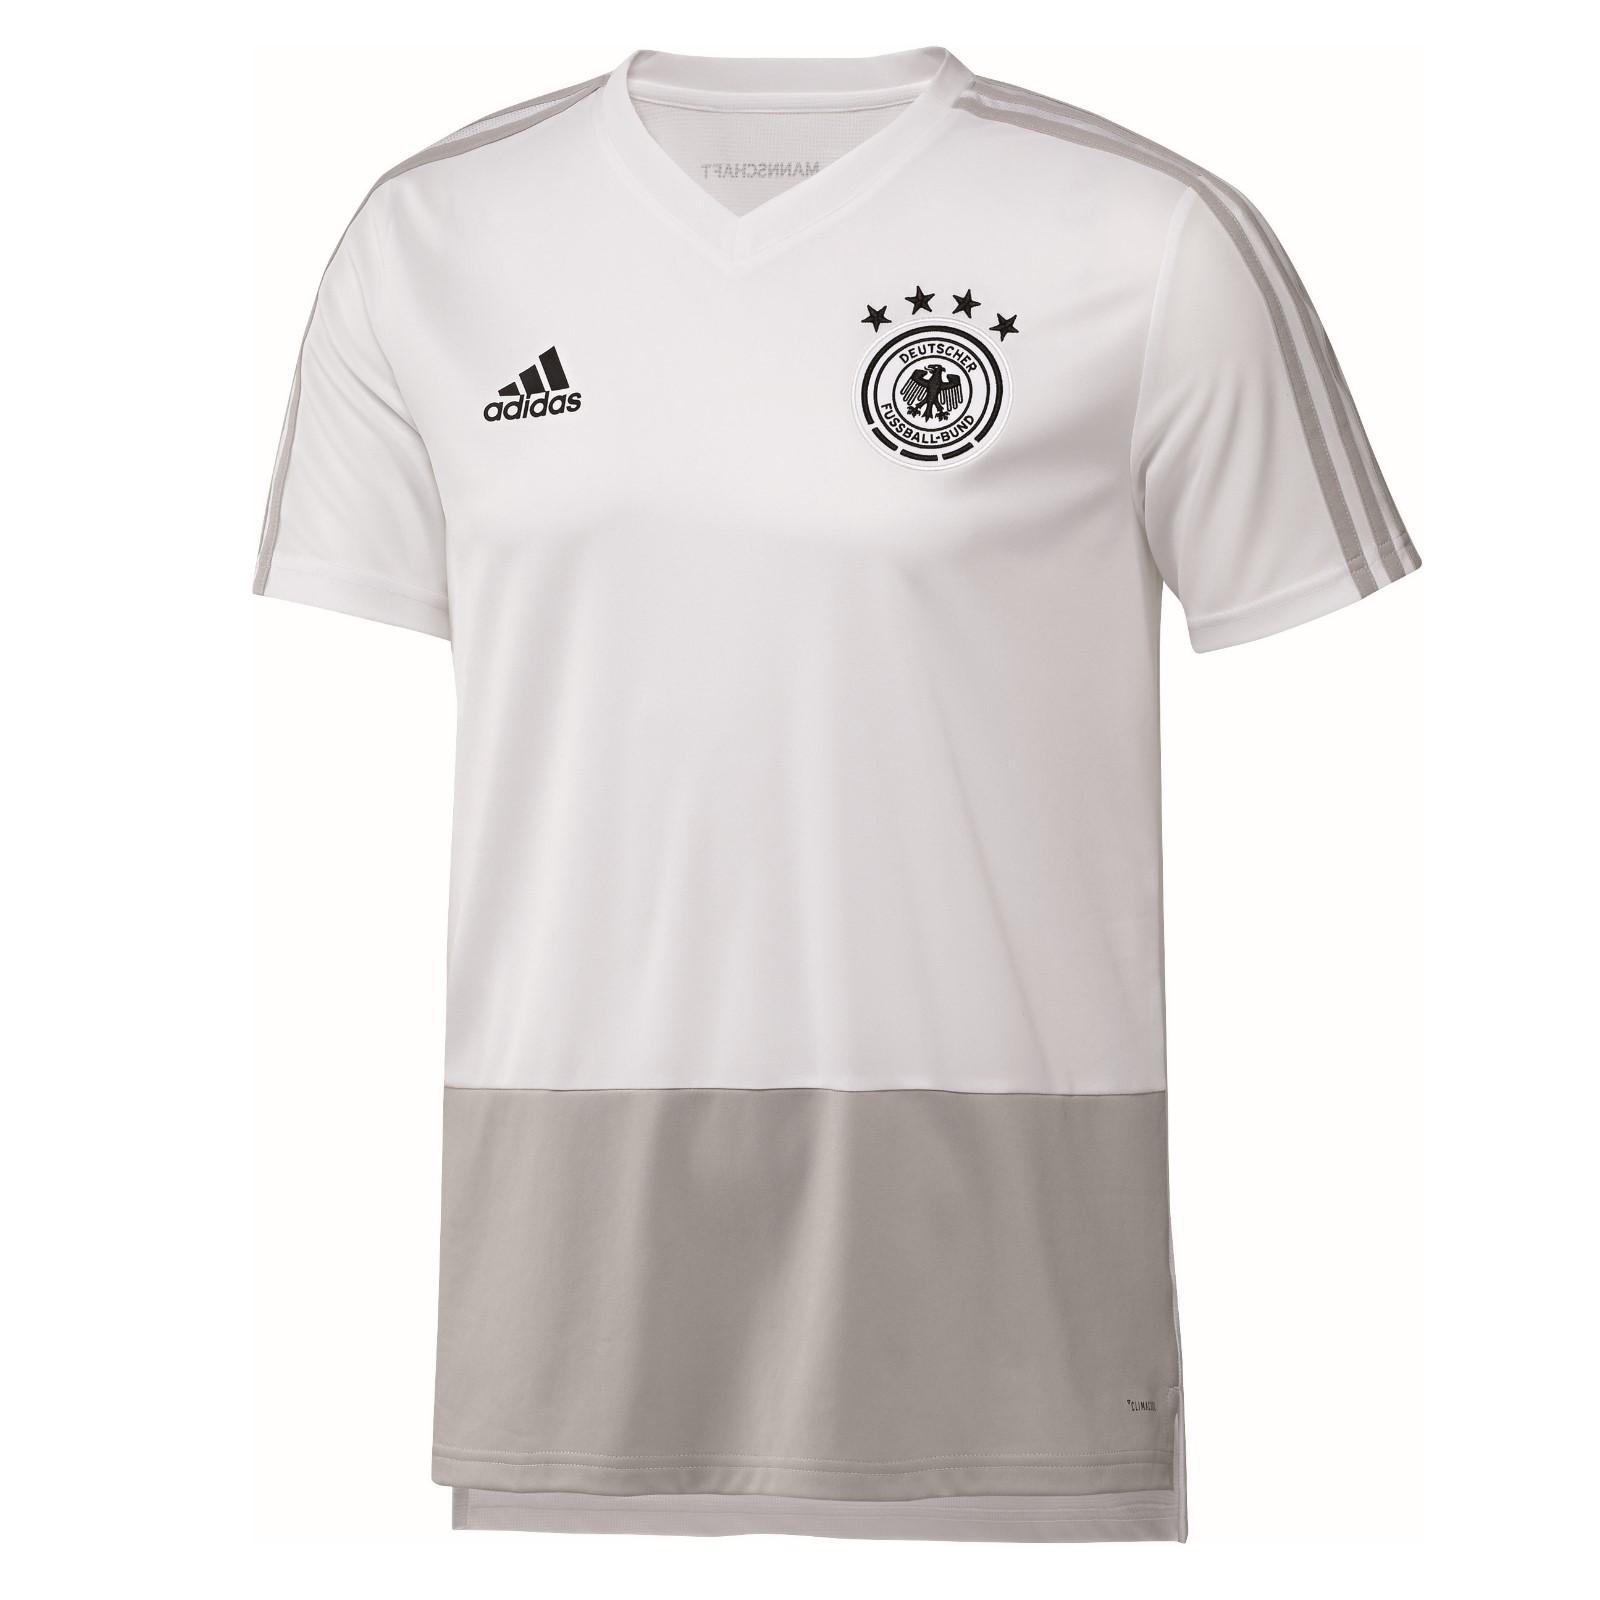 adidas DFB Deutschland Trainings Trikot Herren der WM 2018   sieger preise